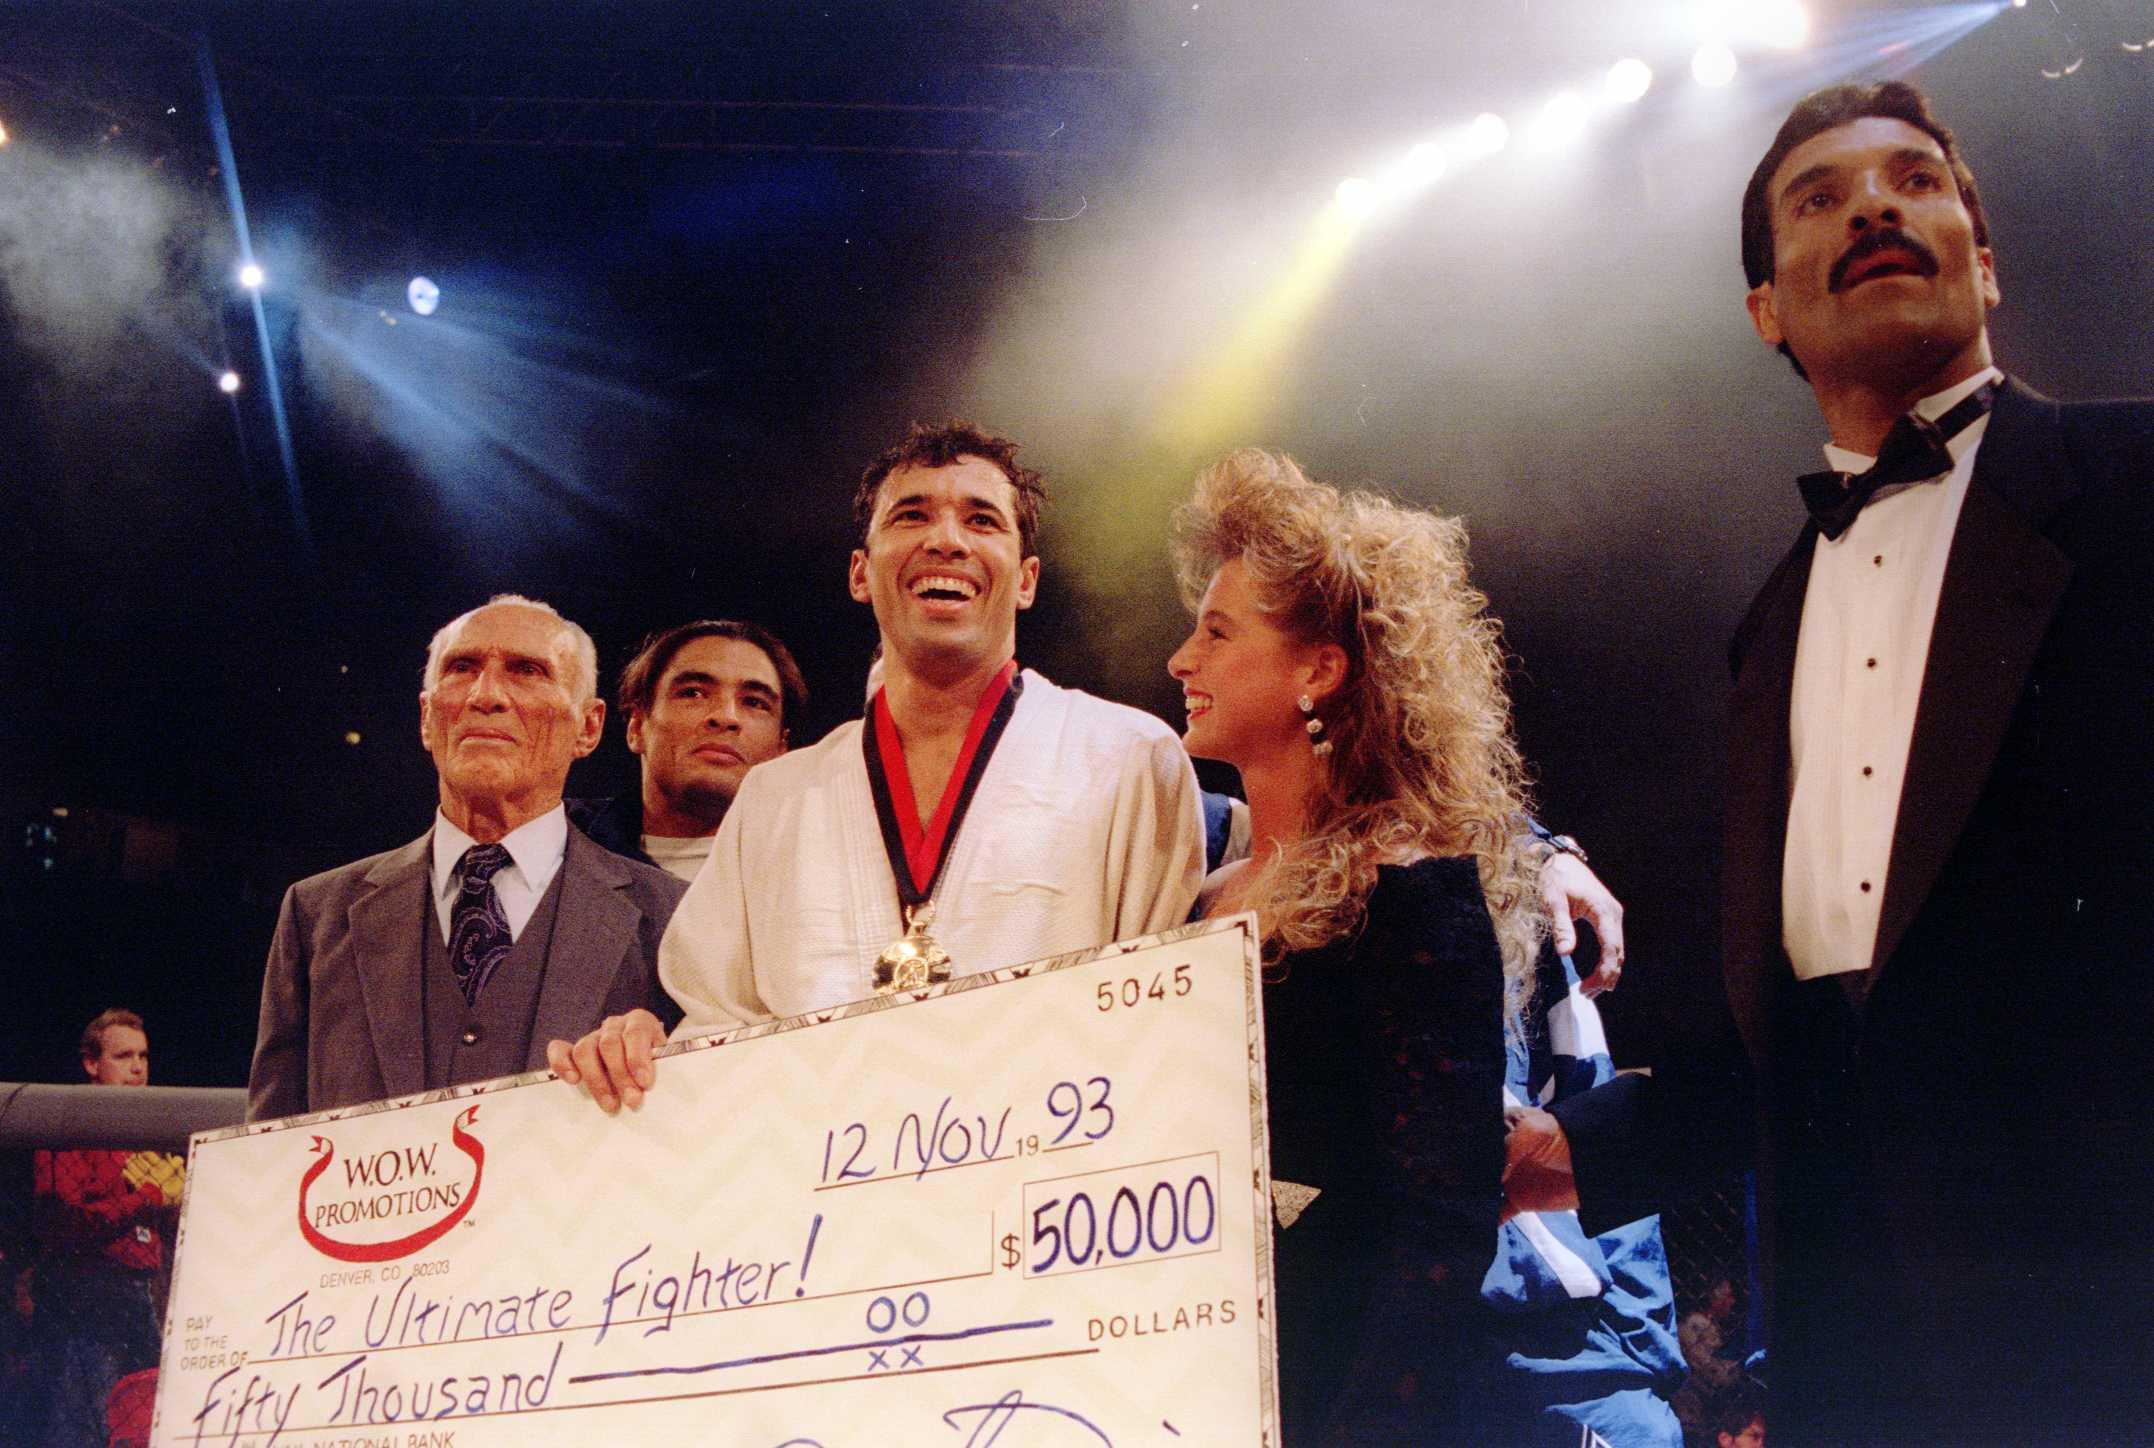 Kết quả hình ảnh cho Art Davie UFC